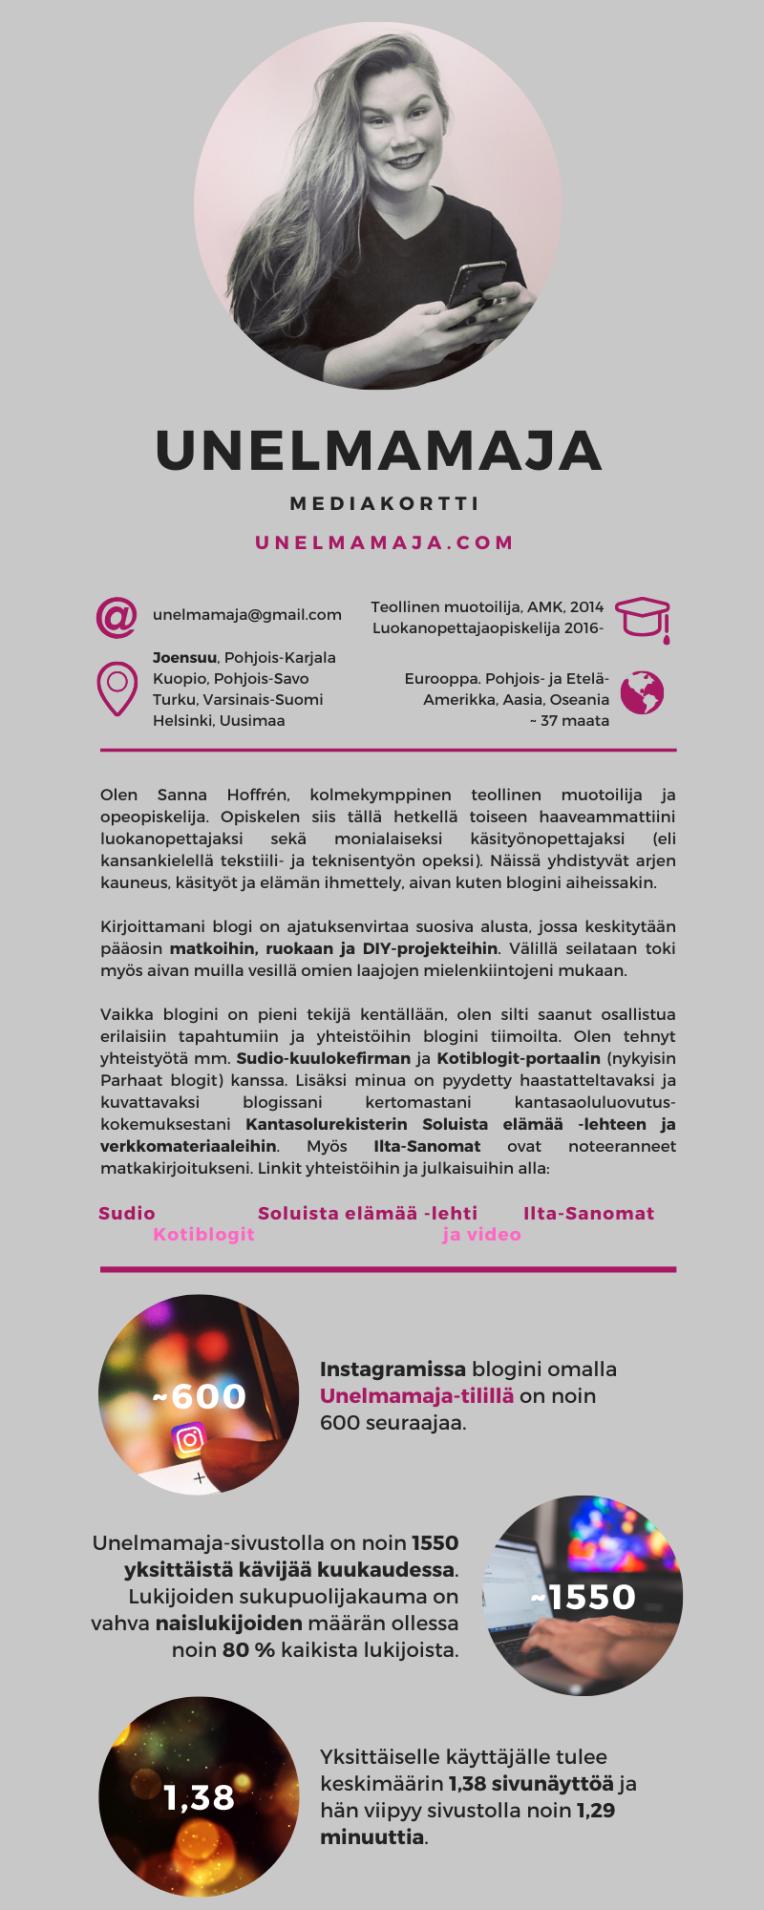 Unelmamaja_mediakortti